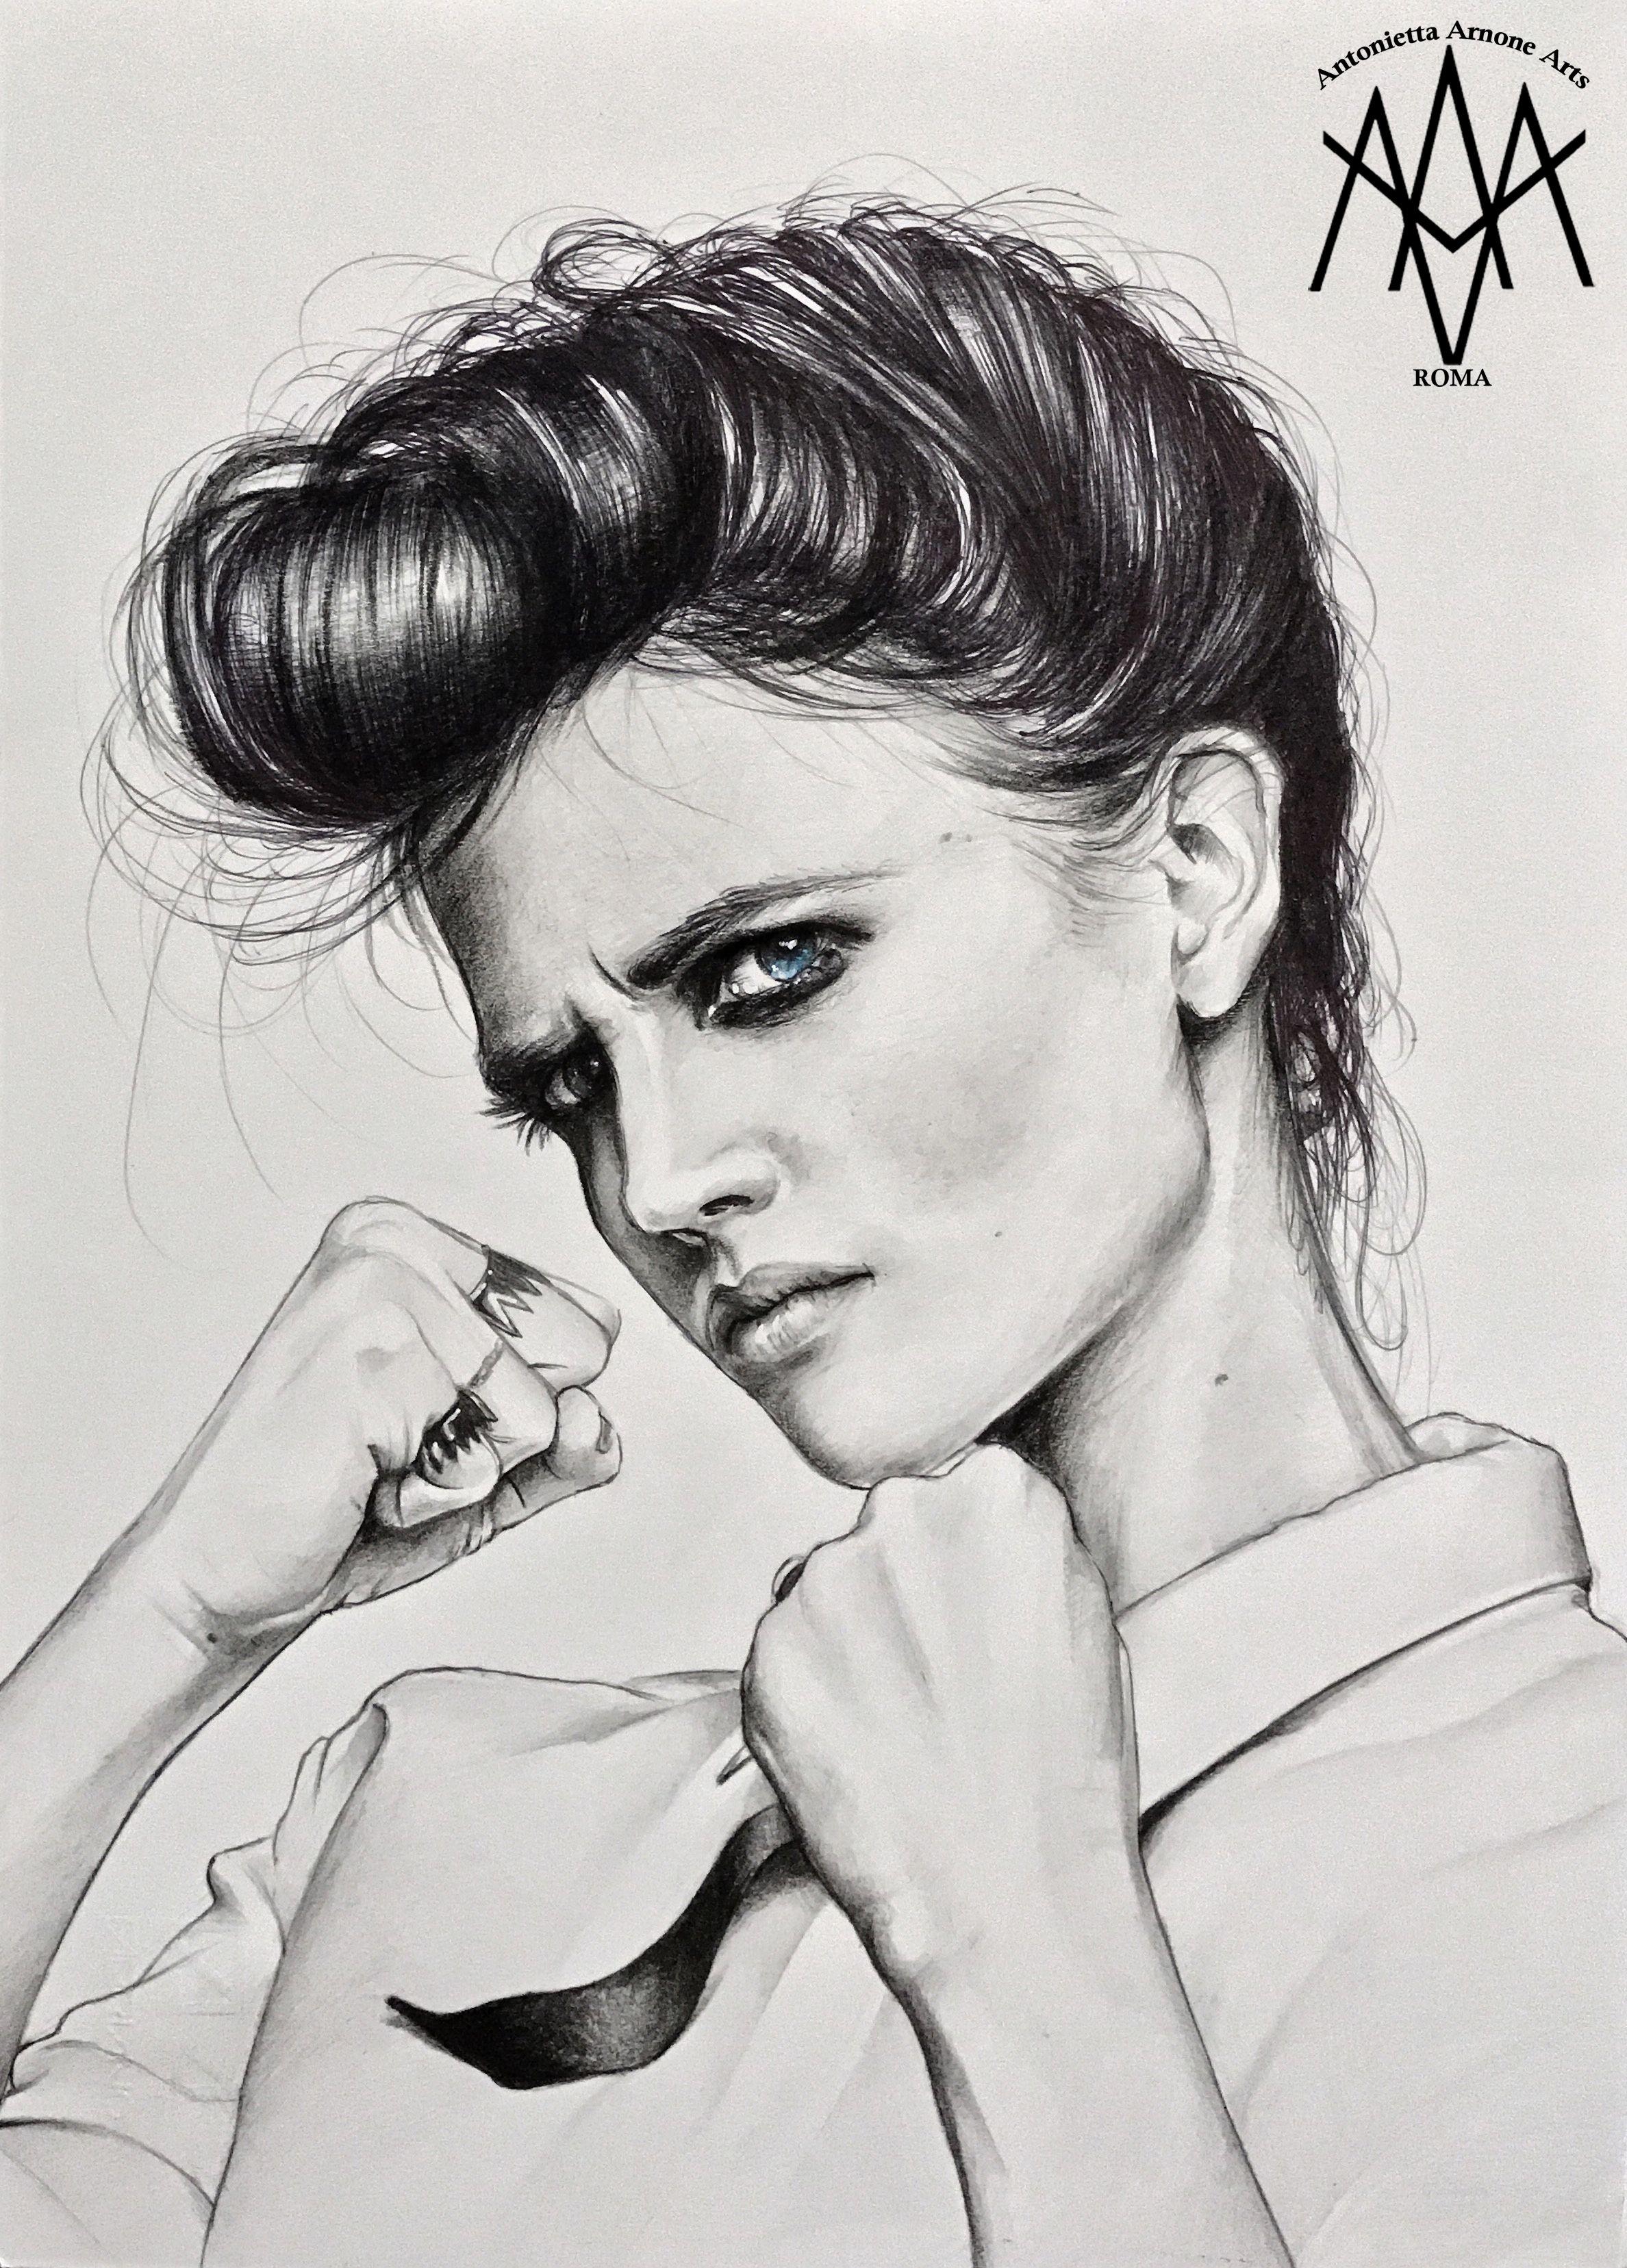 Evagreen antoniettaarnonearts portrait drawing realistic draw celeb pennydreadful eva green actress fanart celebrity drawart pencil pen